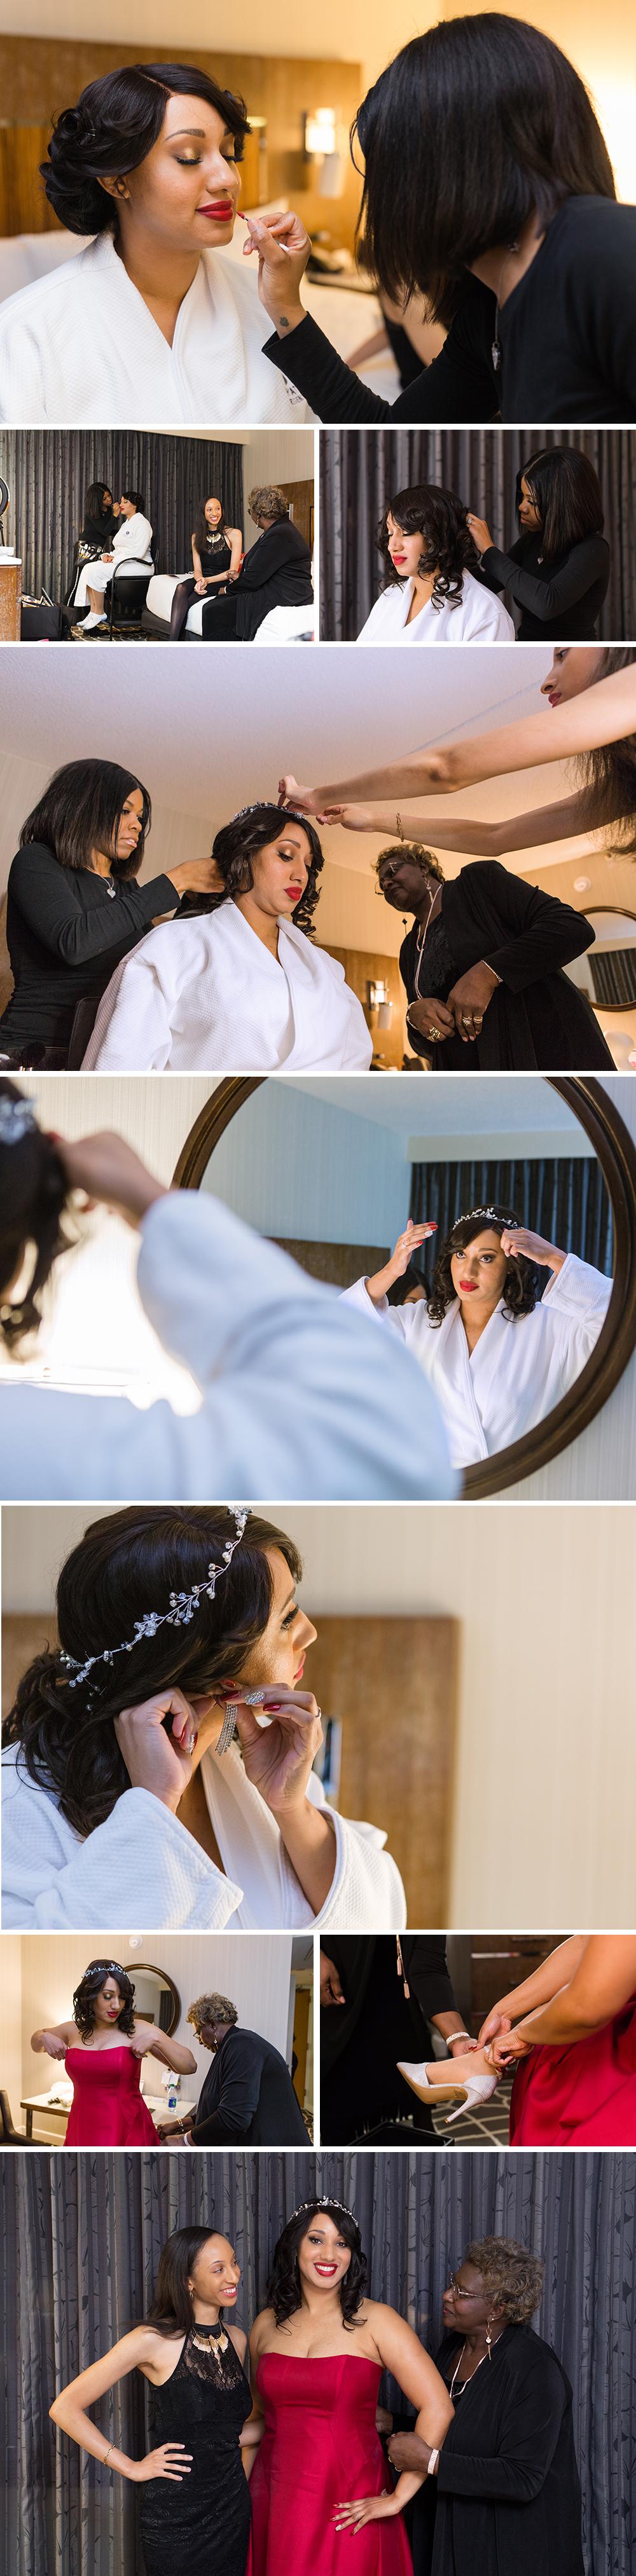 Bride Getting Ready before Wedding